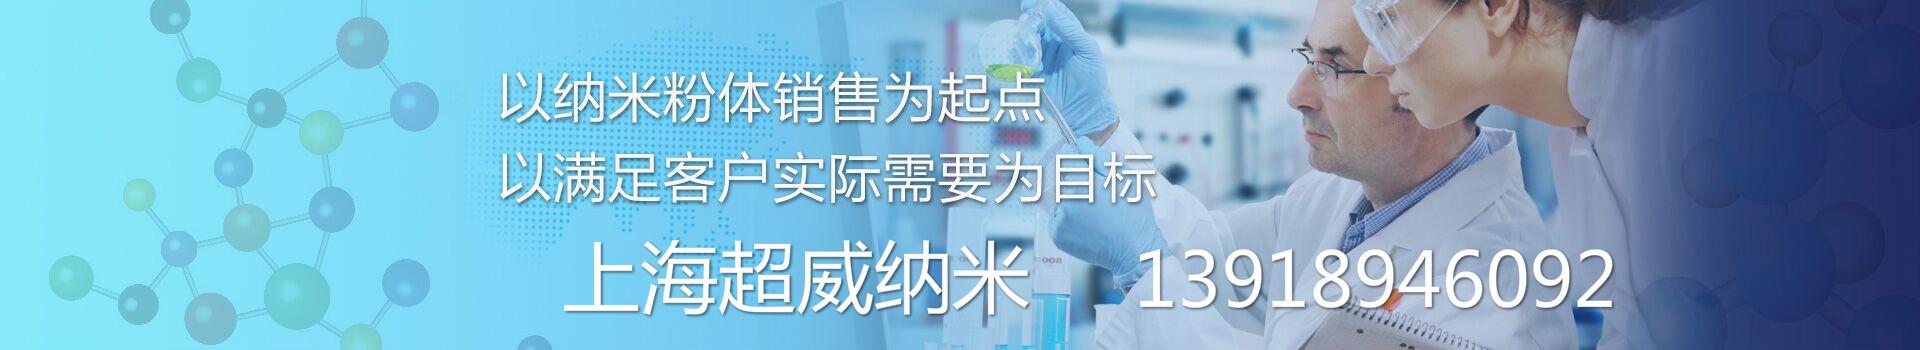 上海超威纳米科技有限公司